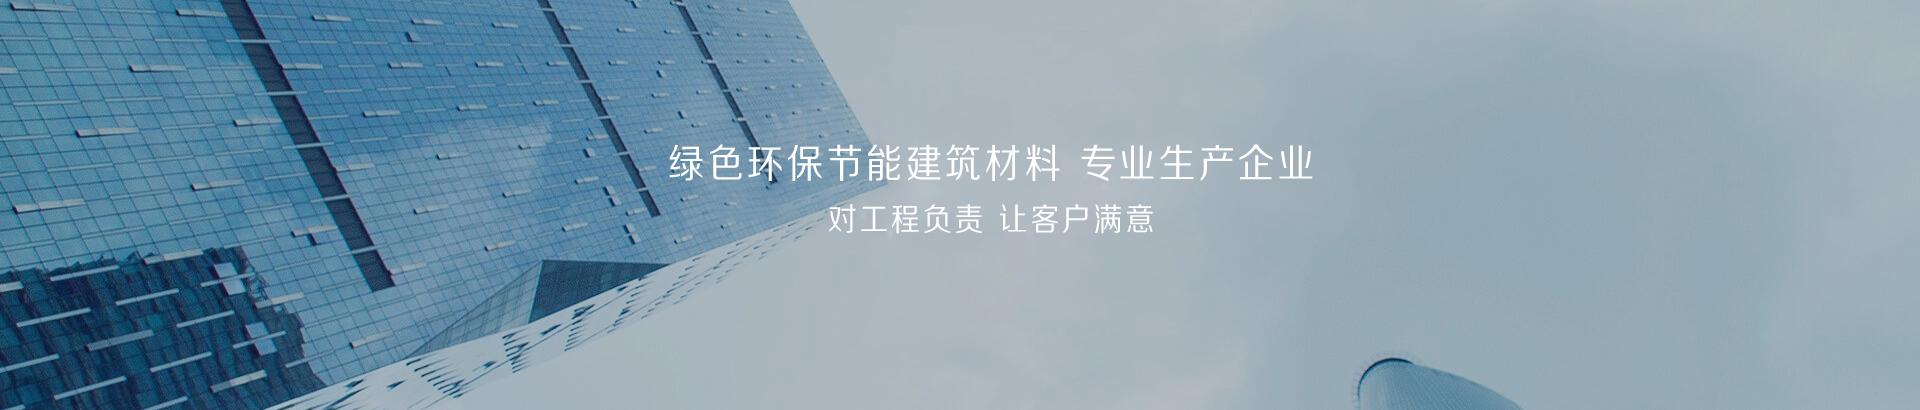 http://www.jnjkms.com/data/upload/202011/20201108093427_431.jpg